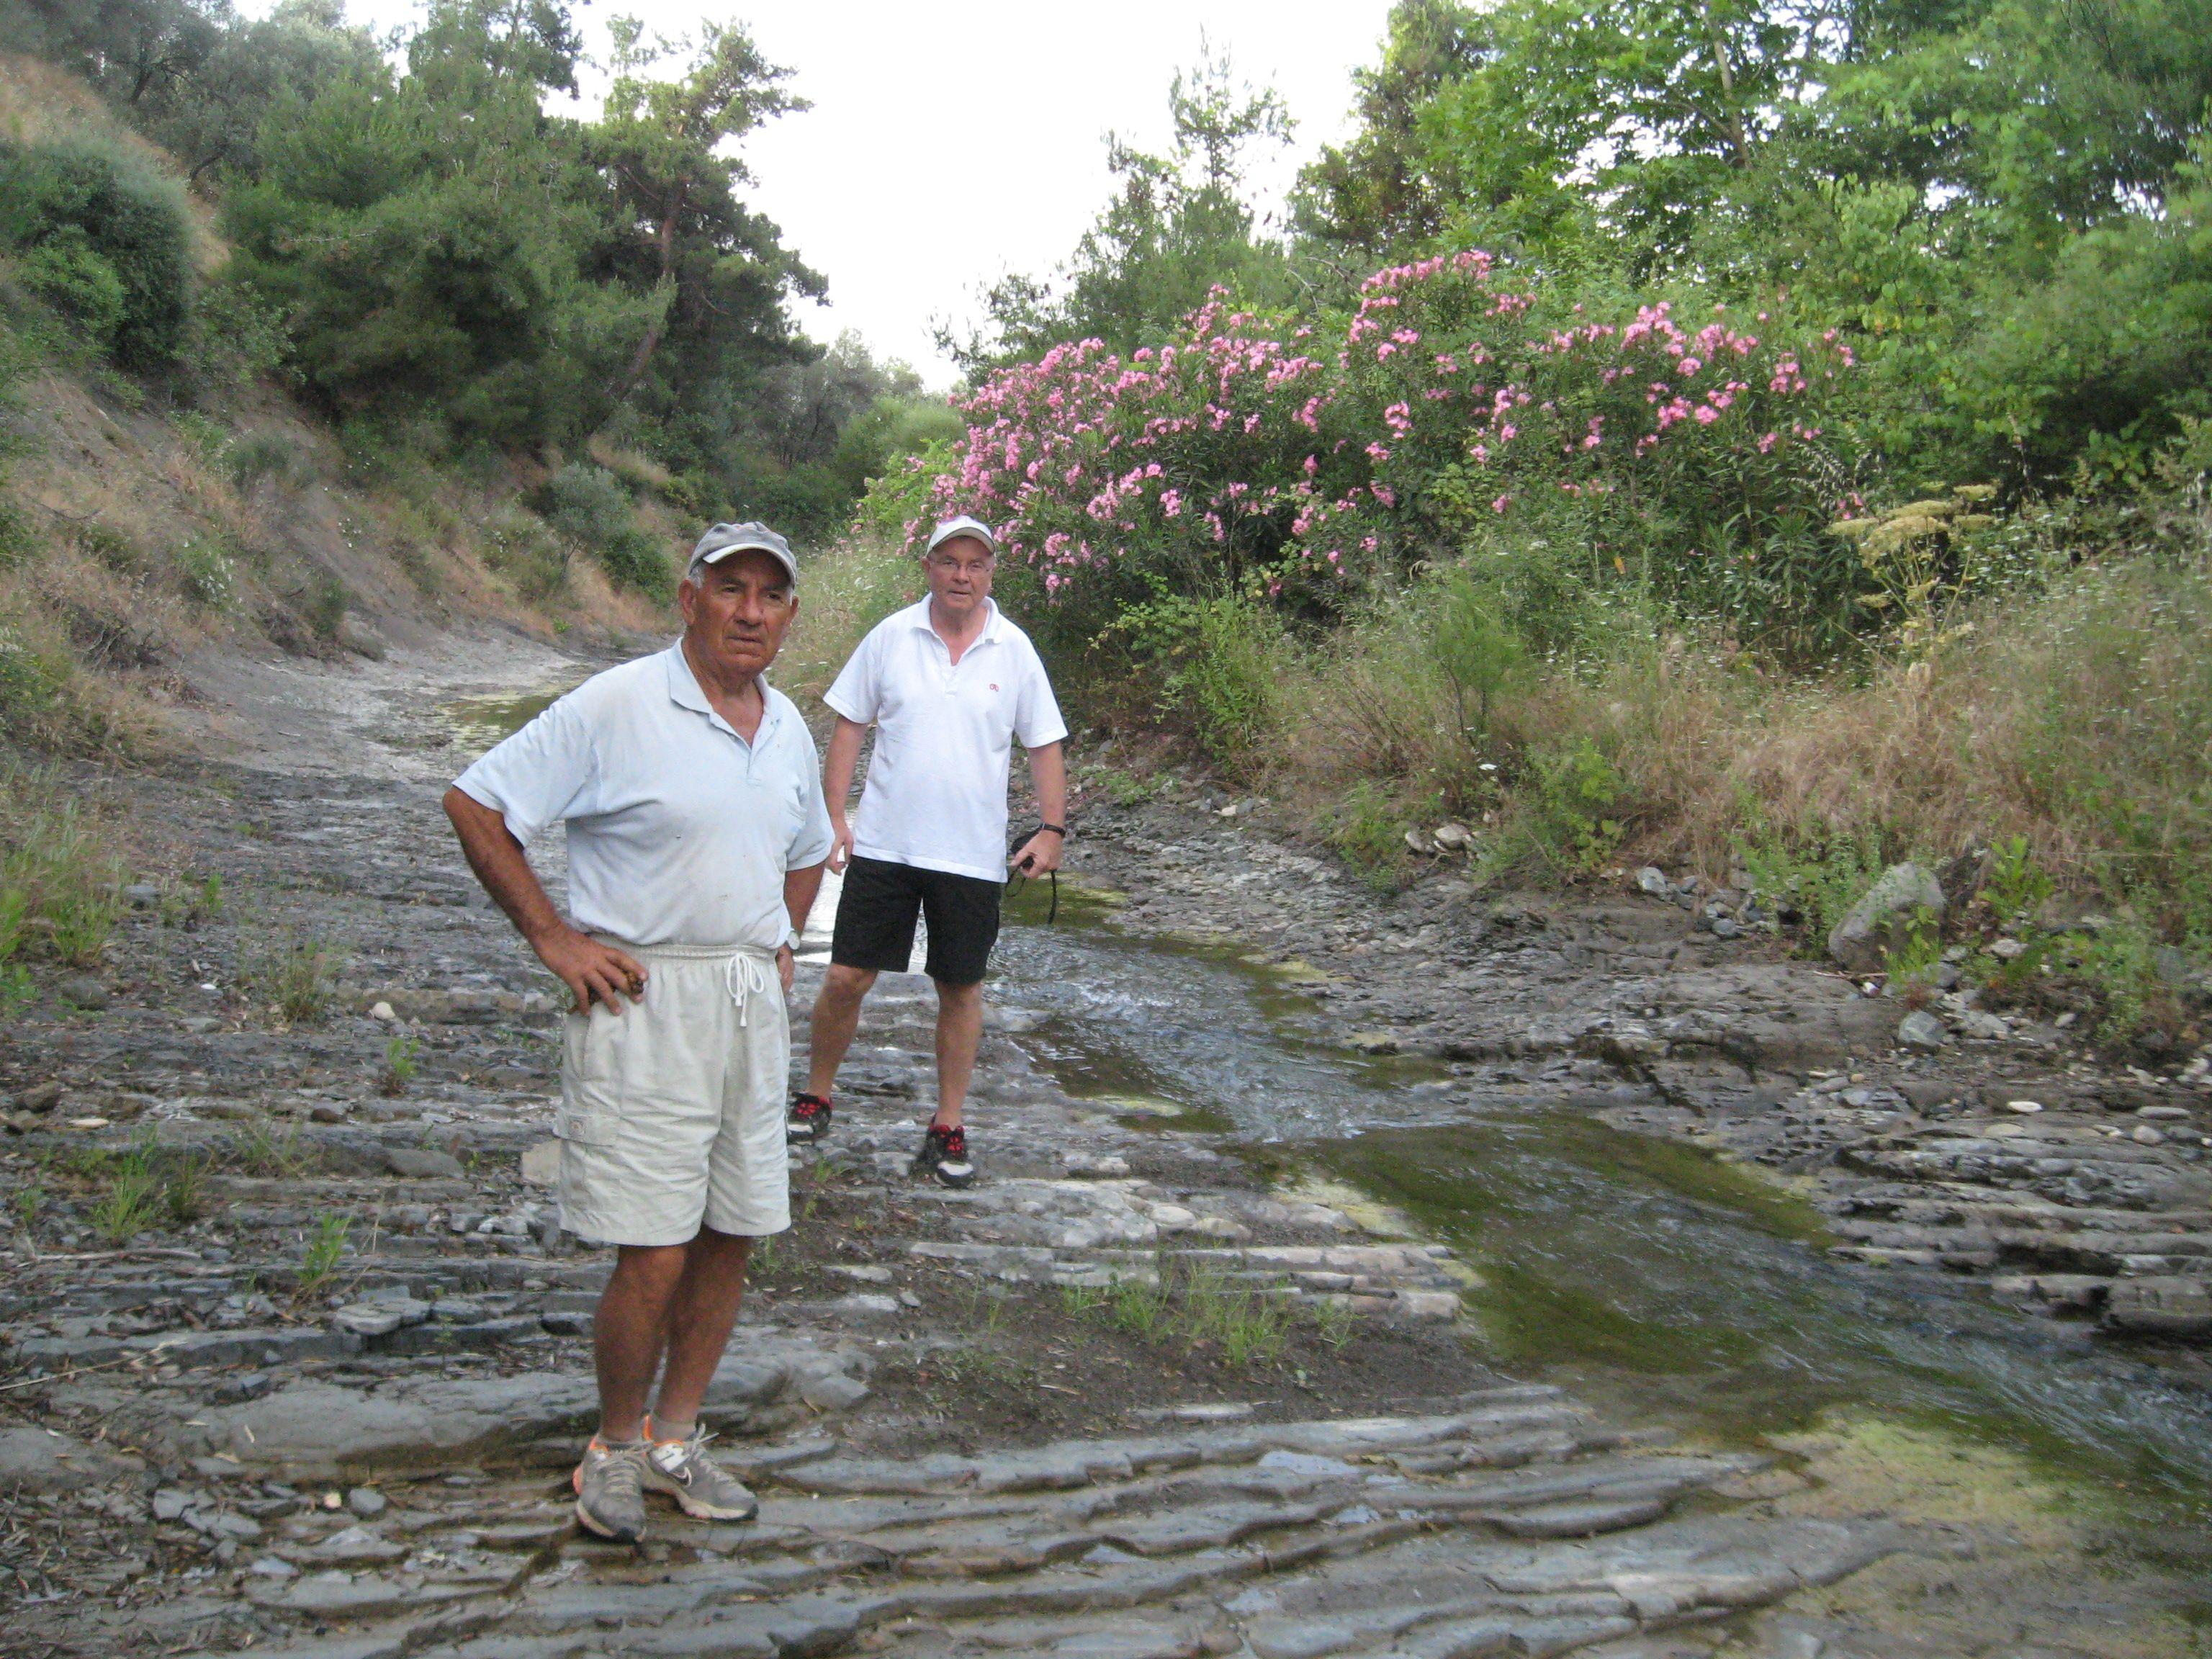 ALTINOLUK YÜRÜYÜŞLERİMİZ/ Dere yürüyüşü